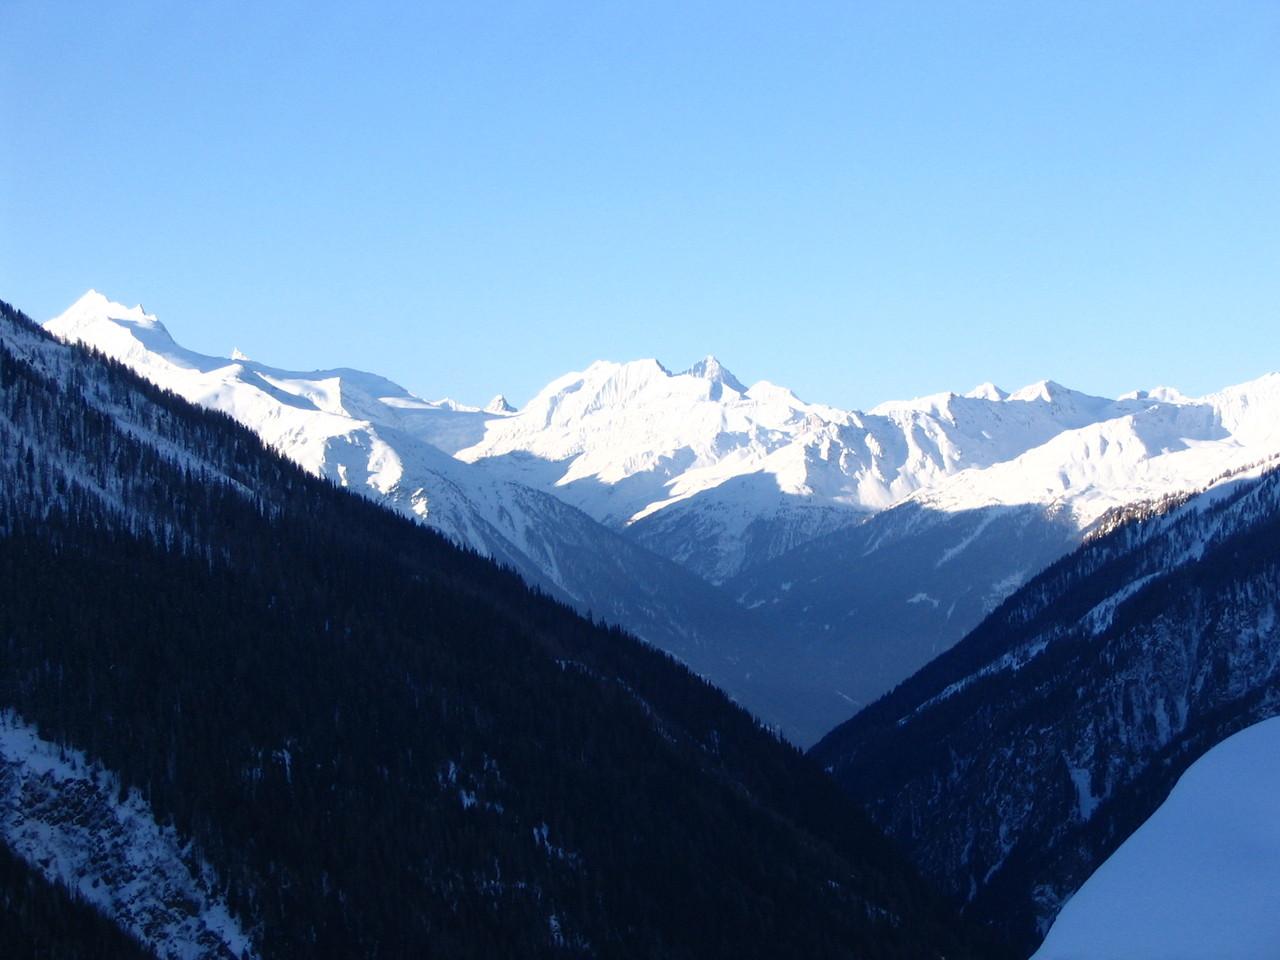 Das Weisshorn ist ein 4'505 m ü. M. hoher Berg in den Walliser Alpen mit der Form einer von drei scharfen Graten gebildeten ebenmässigen Pyramide. Die Erstbesteigung des Weisshorns erfolgte am 19. August 1861 durch John Tyndall, Johann Joseph Brennen.